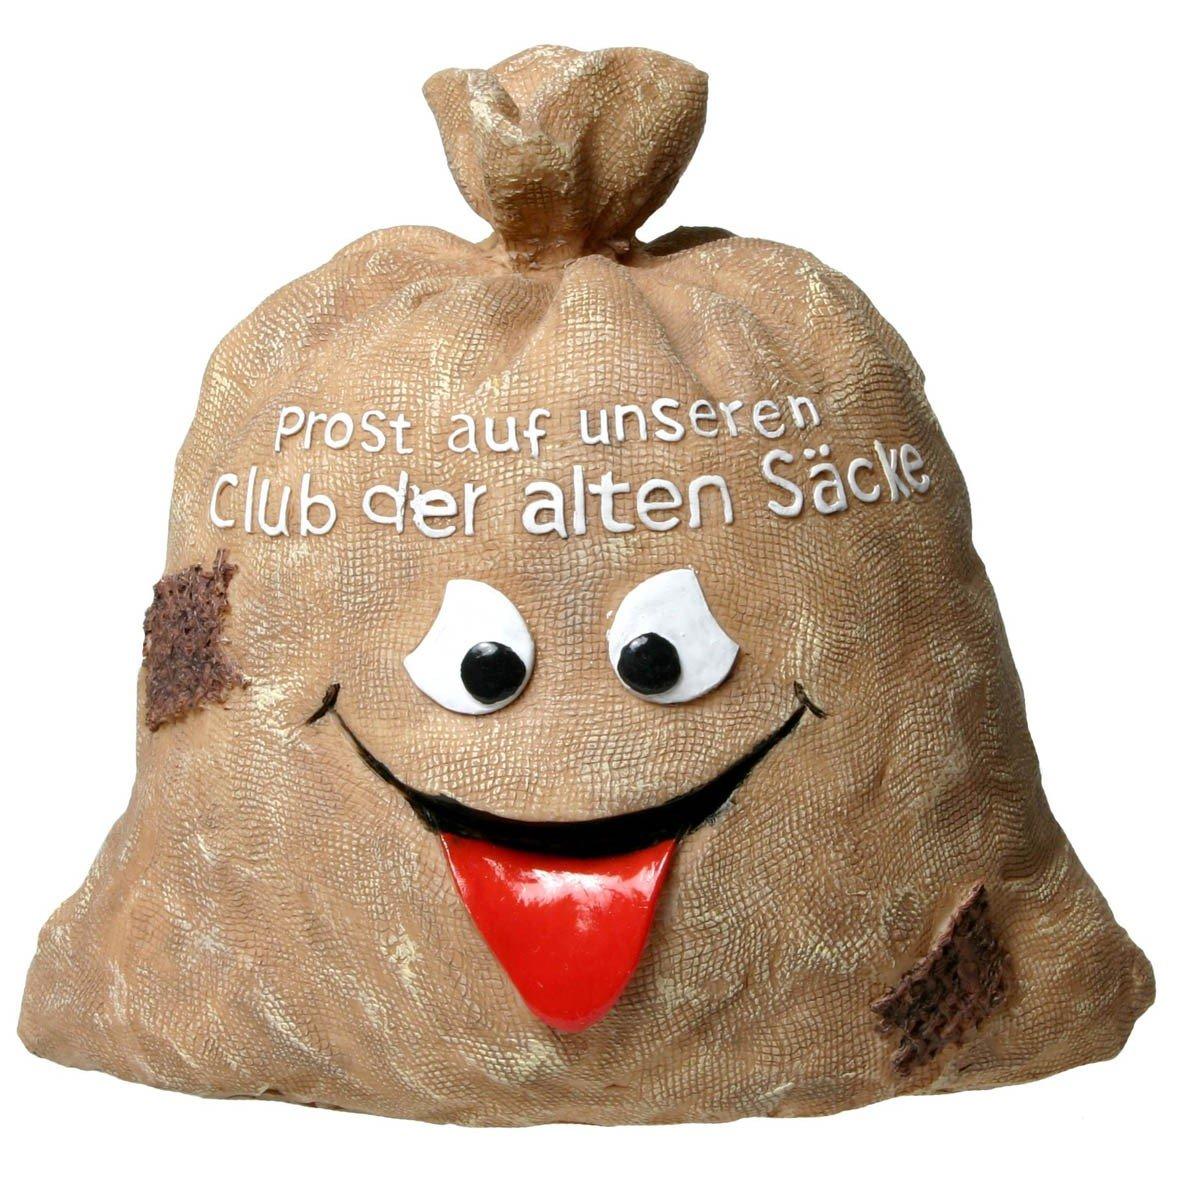 Amazon.de: Udo Schmidt Spardose *Prost Auf Unseren Club Der Alten Säcke*